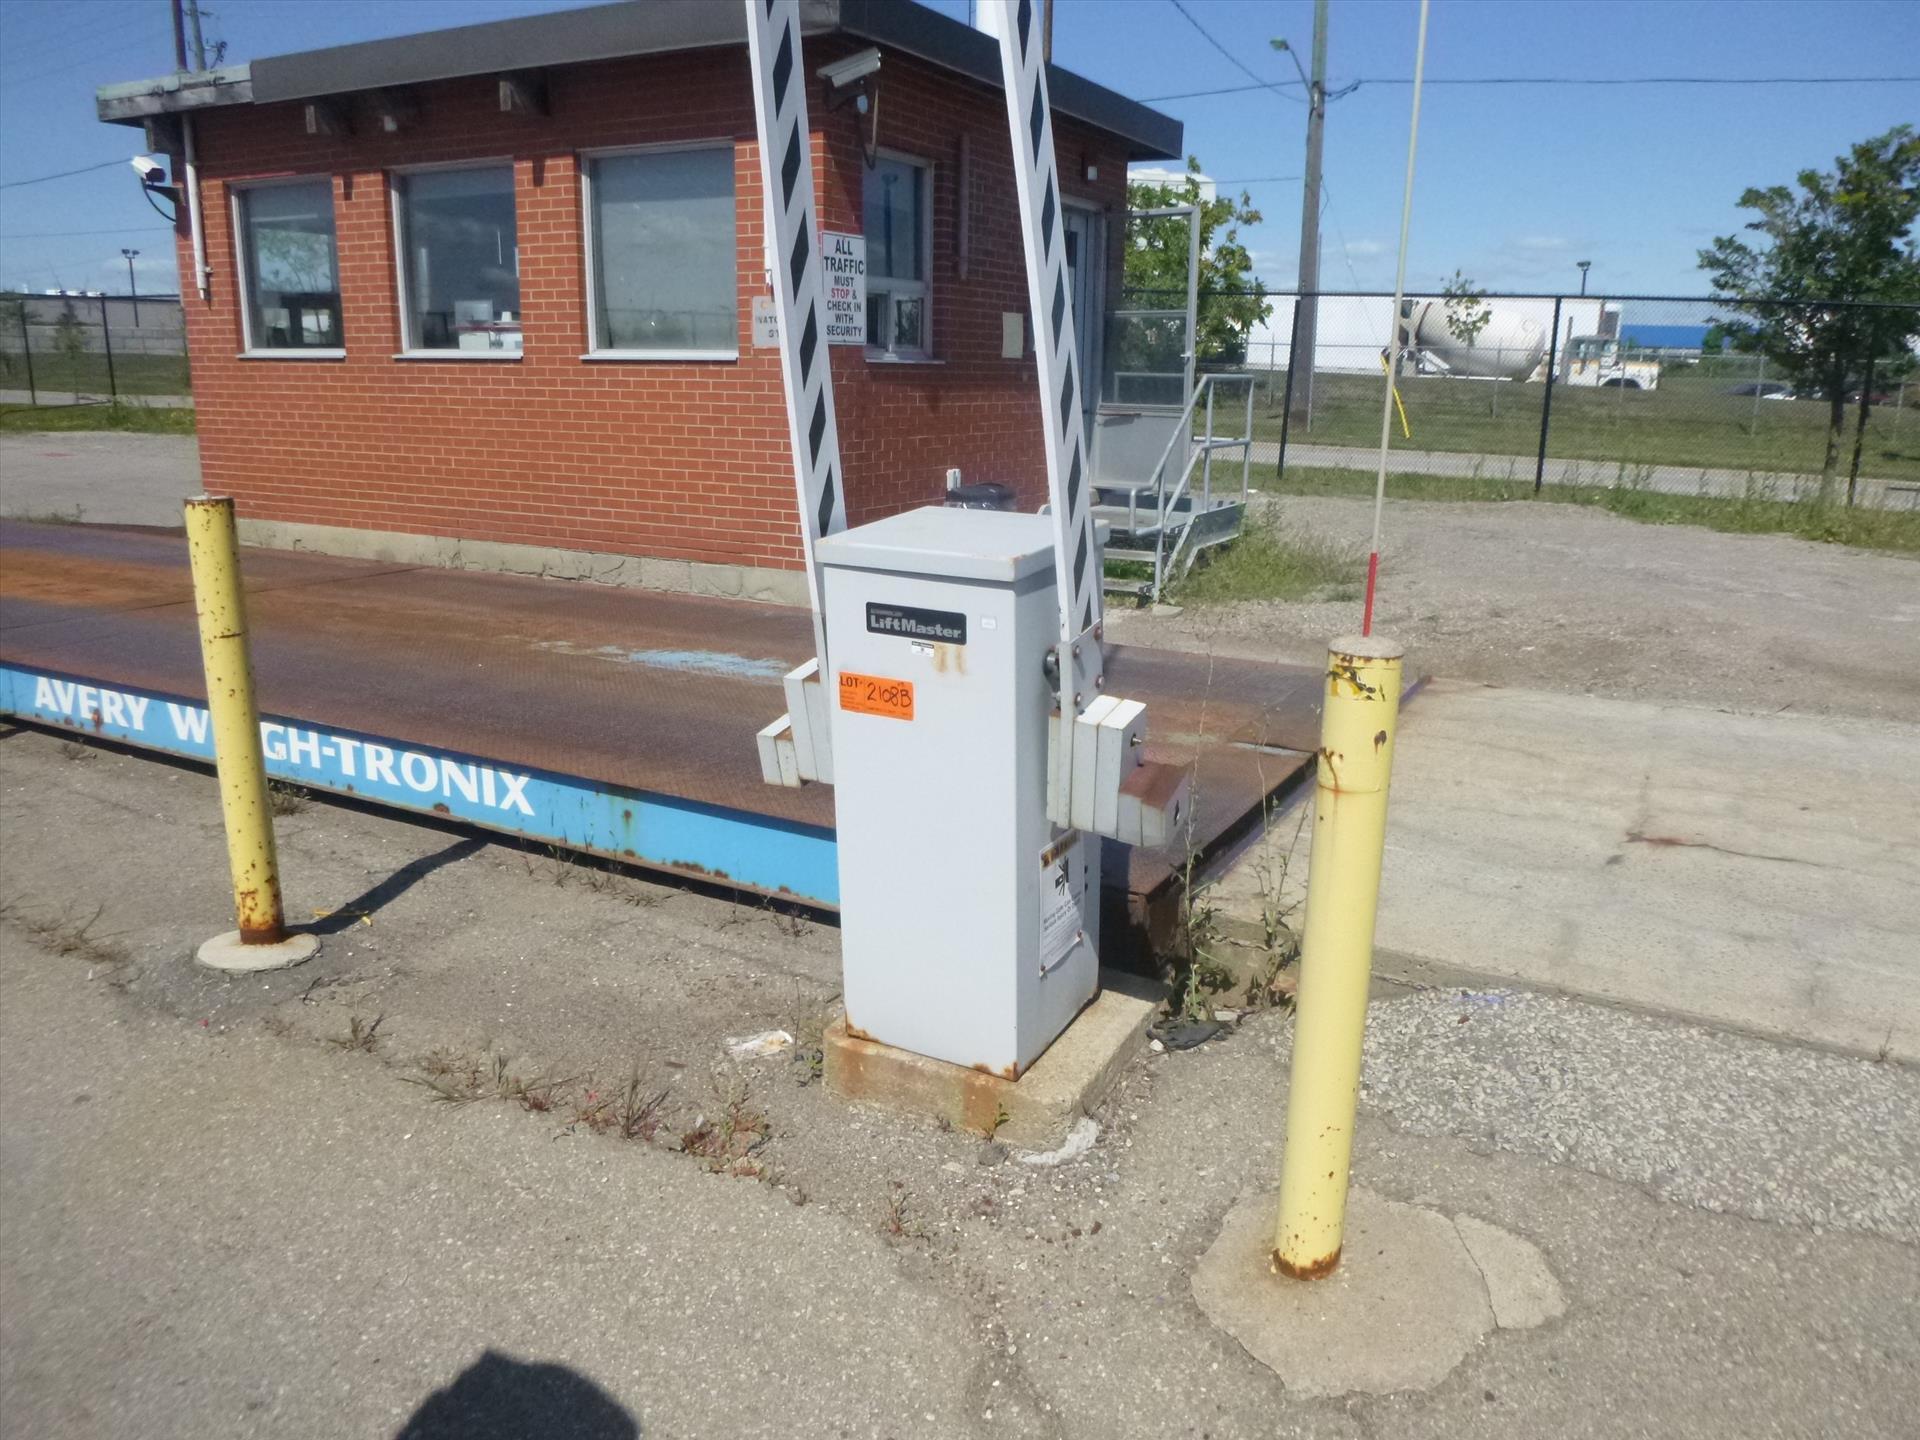 Lot 2108B - (2) Chamberlain LiftMaster boom barrier gates, mod. MAT-DC-BB3 [Material Handling]